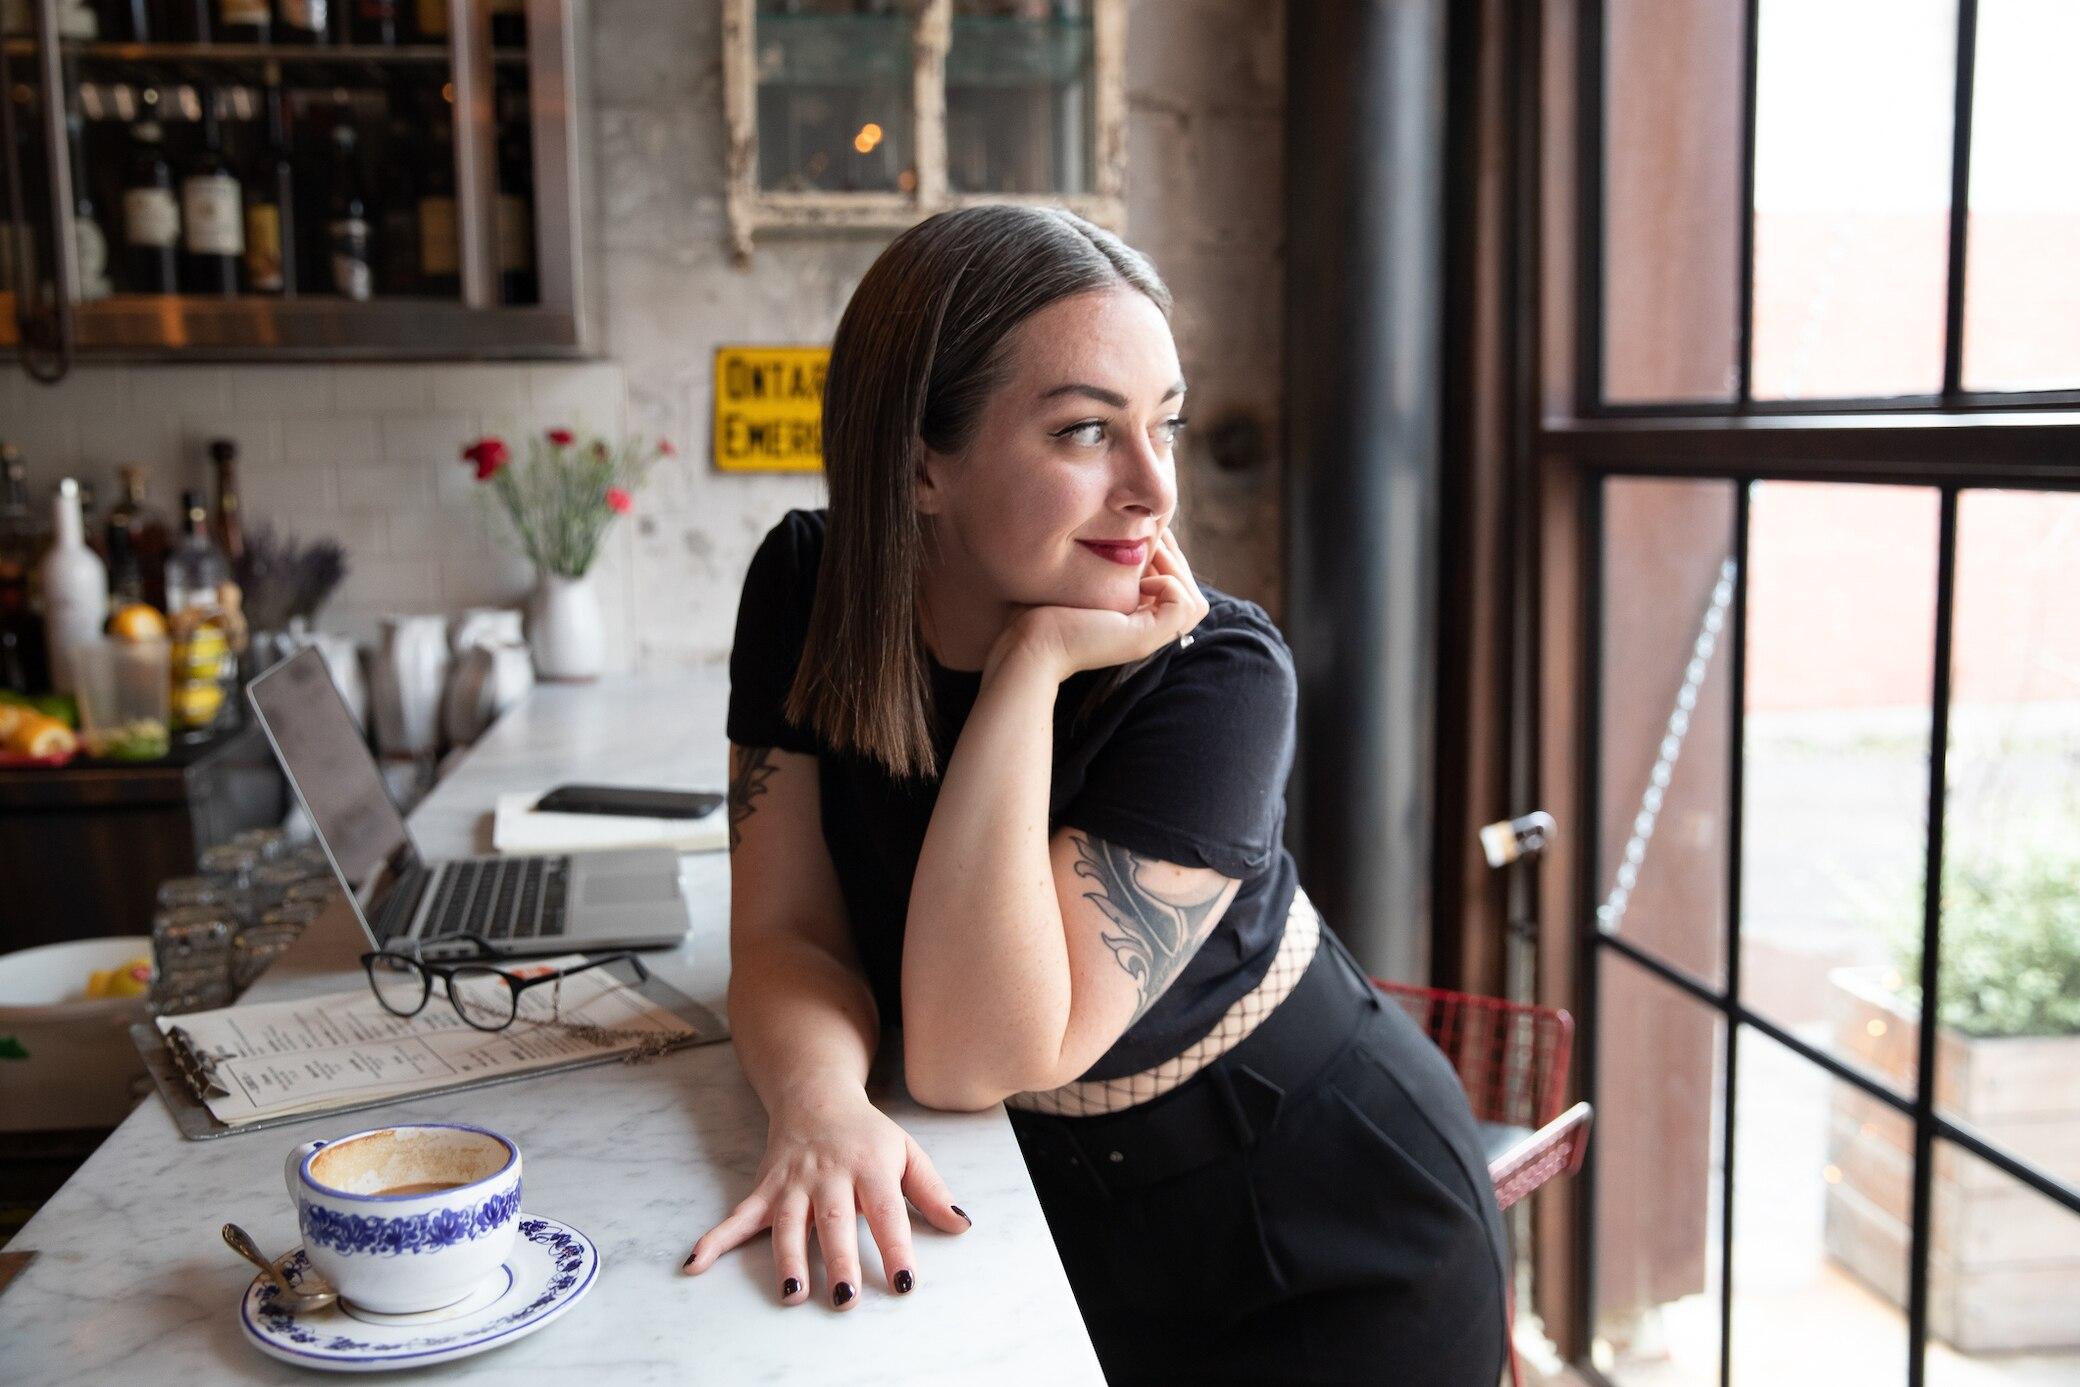 Graue Haare mit 30: Warum ergrauen manche Frauen so früh?